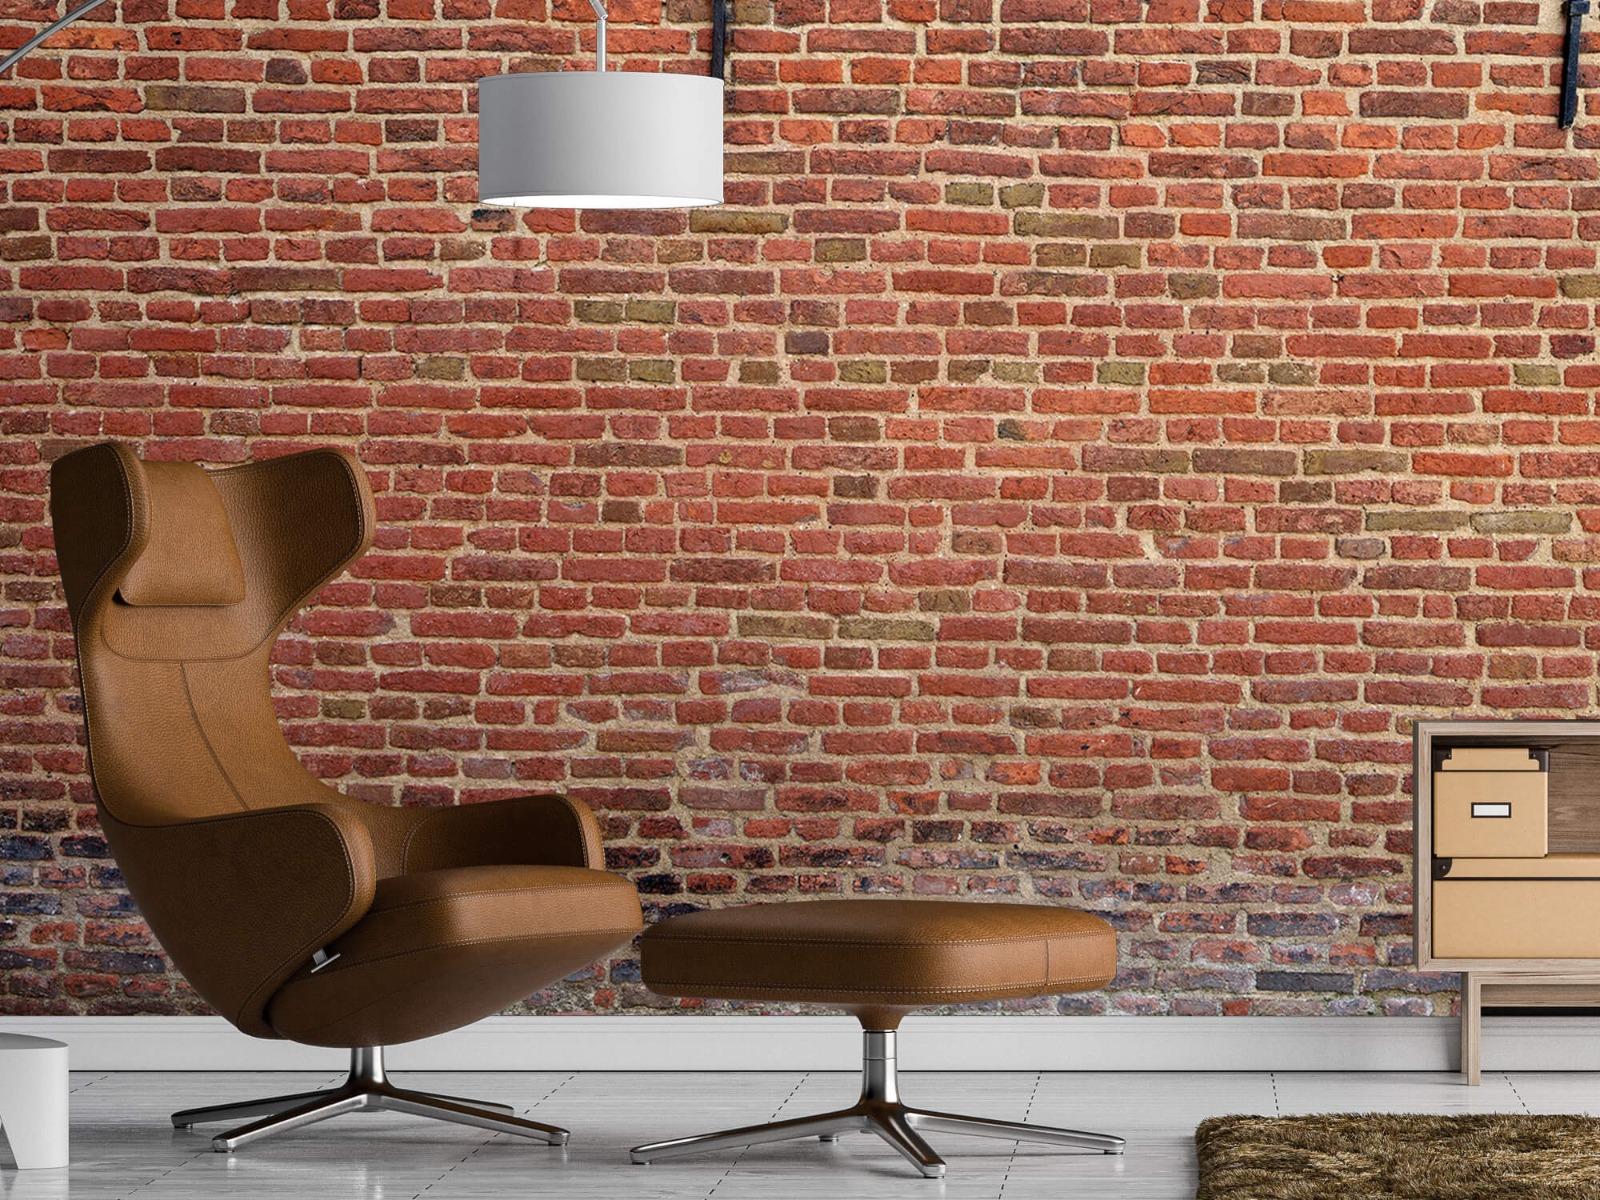 Stenen - Stadsmuur met muurankers 19